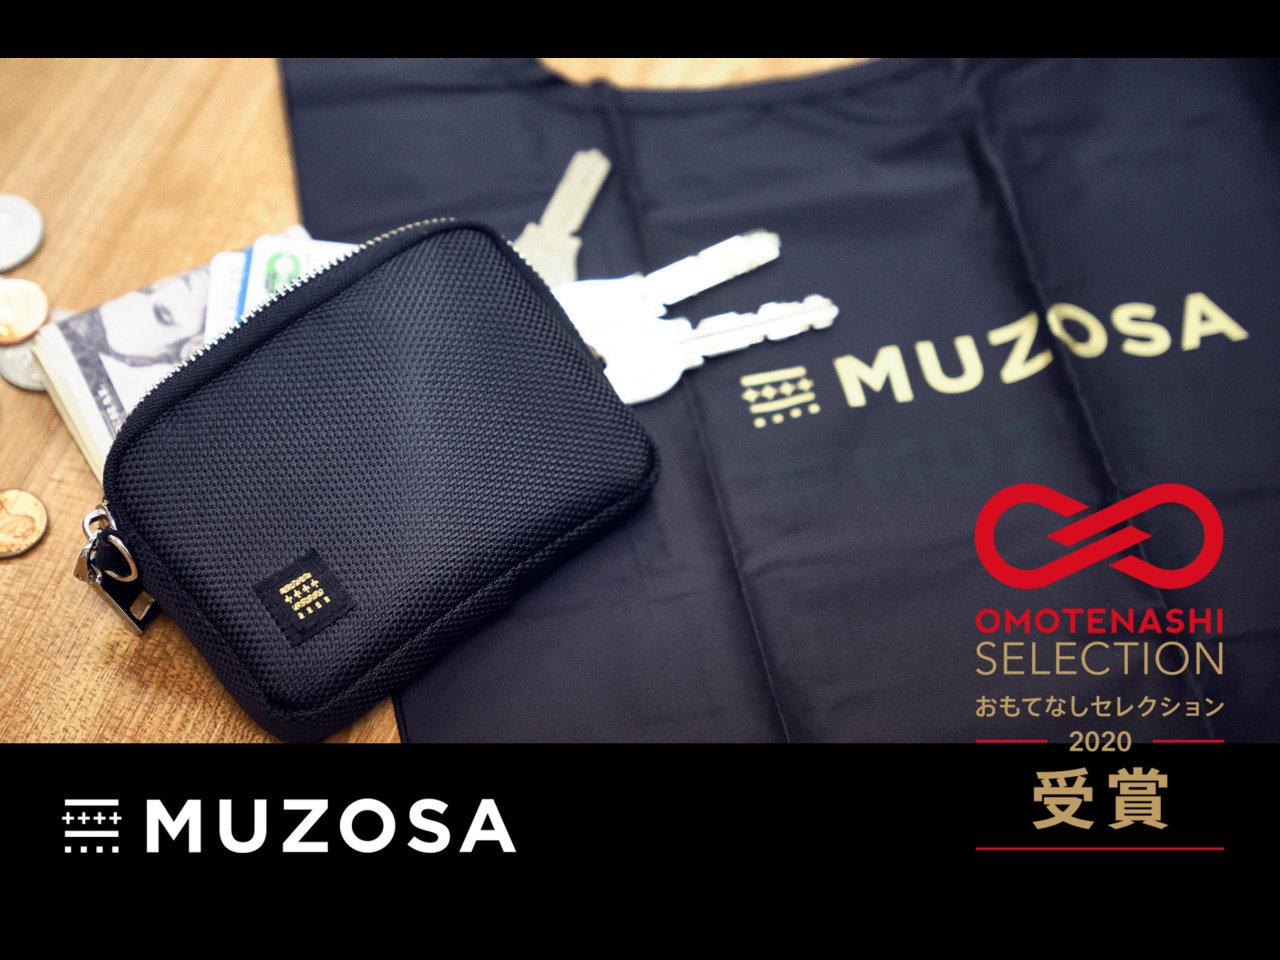 ユナイテッドアローズ他10店舗で8月28日より販売開始!忘れようがないエコバッグ『MUZOSA』